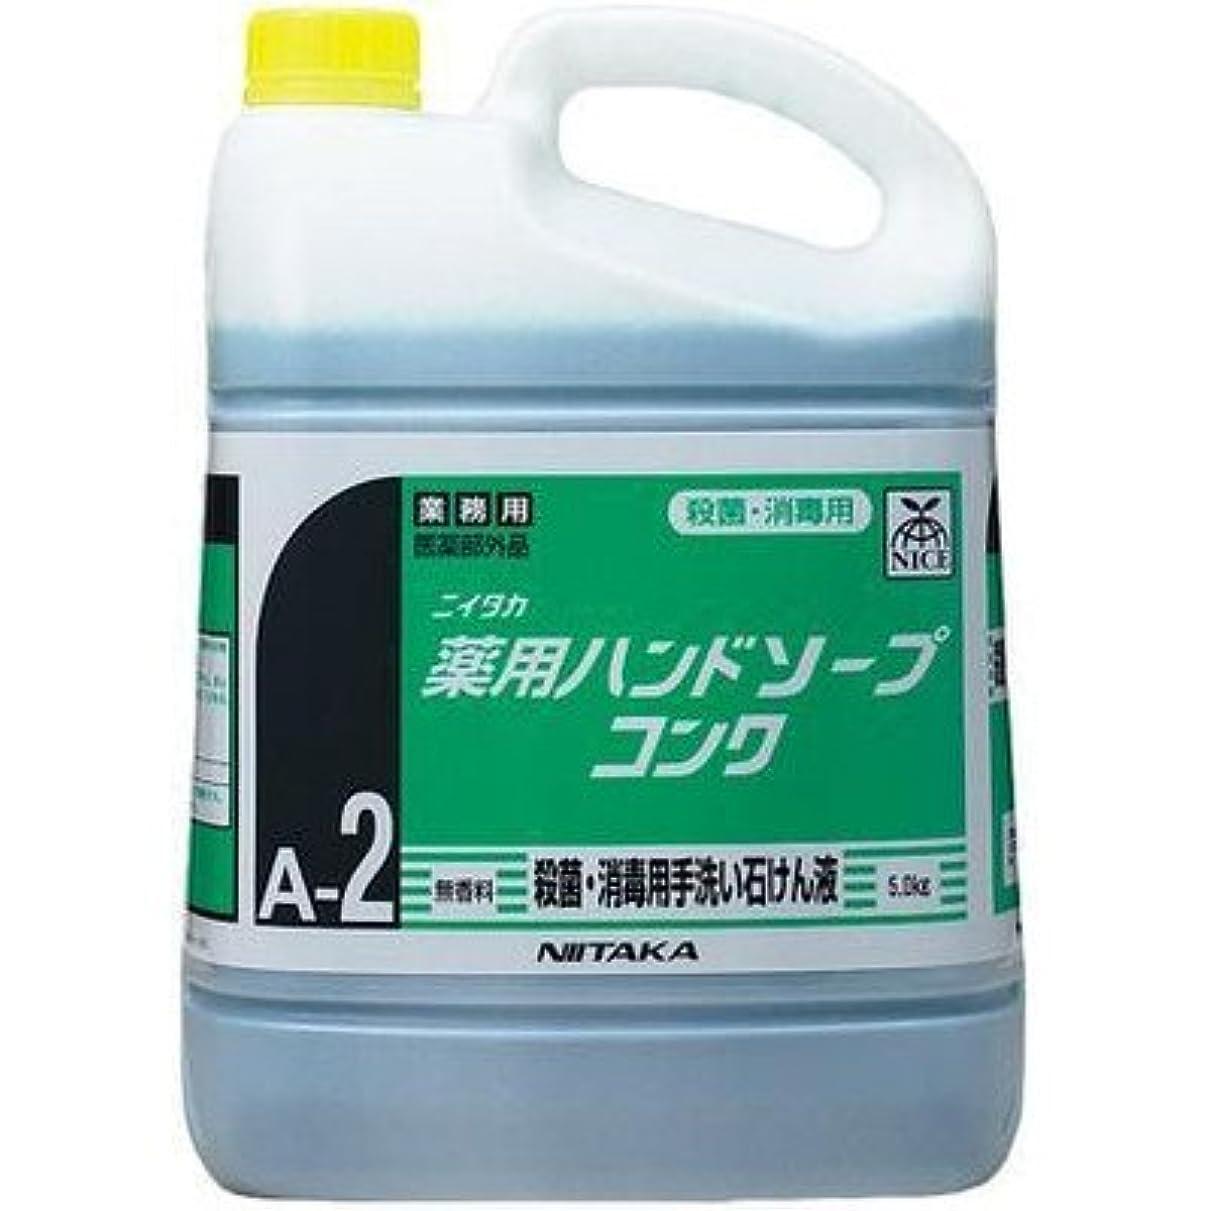 エントリ小道具重なるニイタカ 業務用手洗い石けん液 薬用ハンドソープコンク(A-2) 5kg×3本